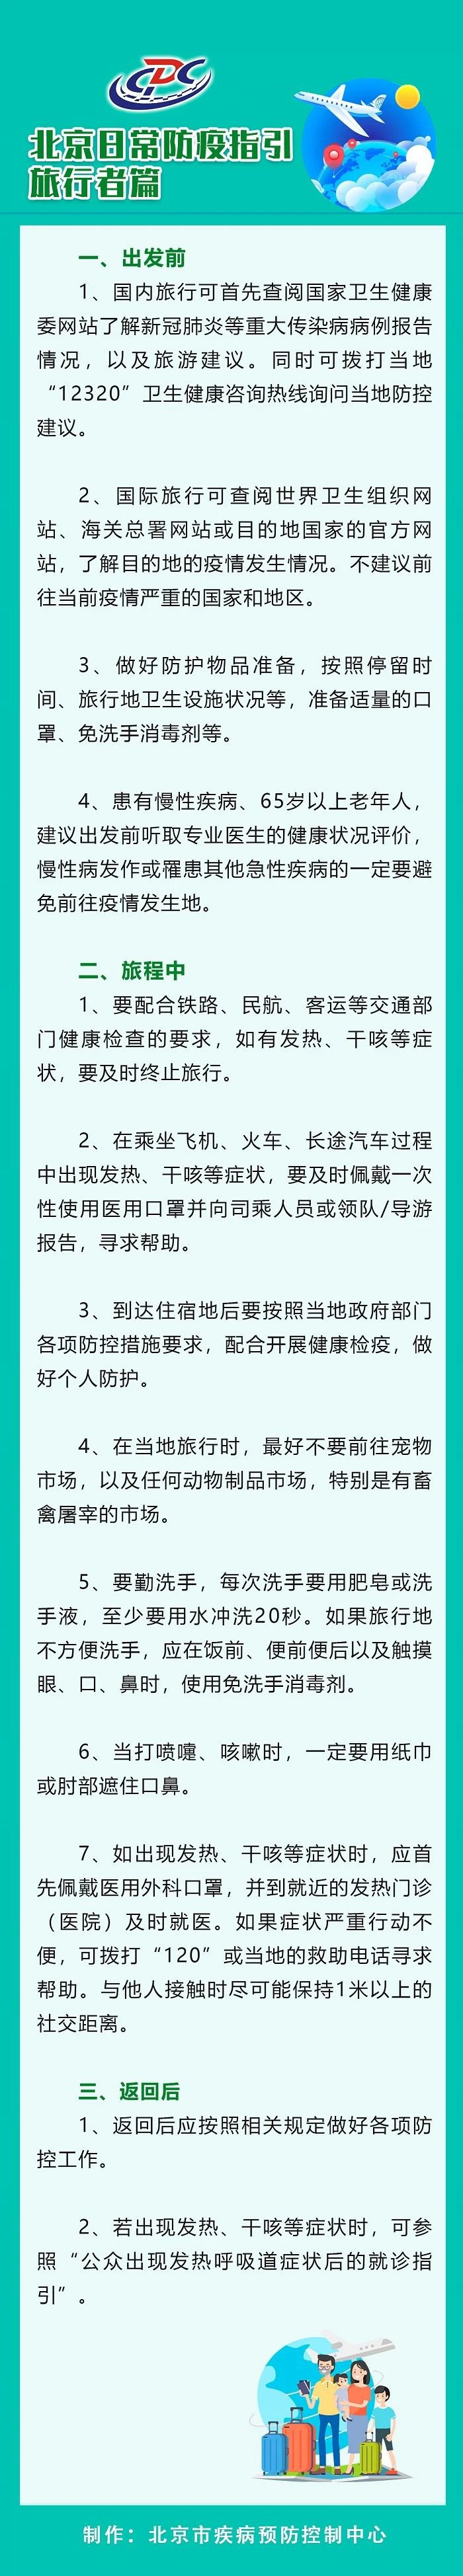 北京日常防疫指引——旅行者篇